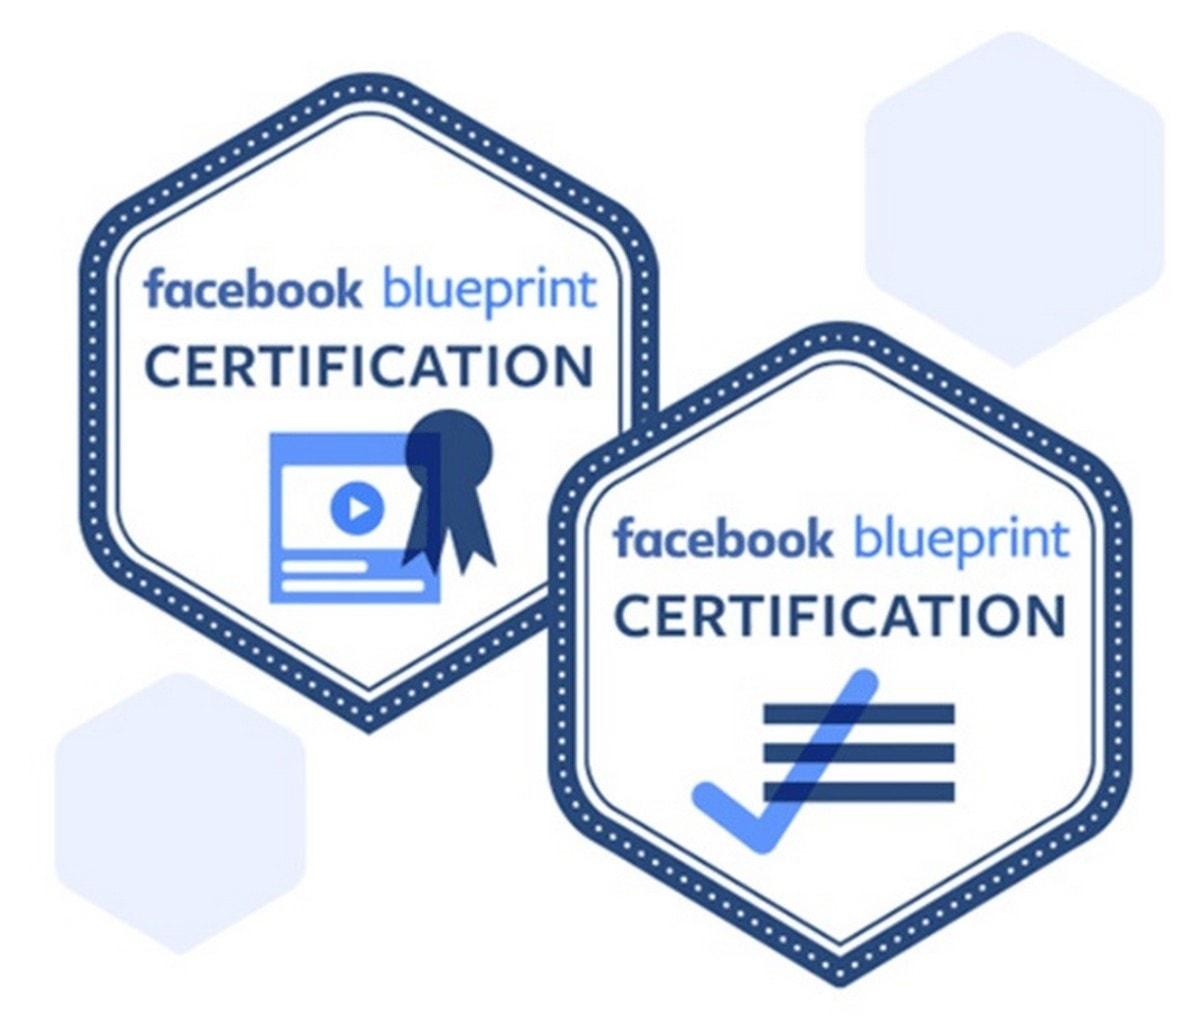 Facebook blueprint certification